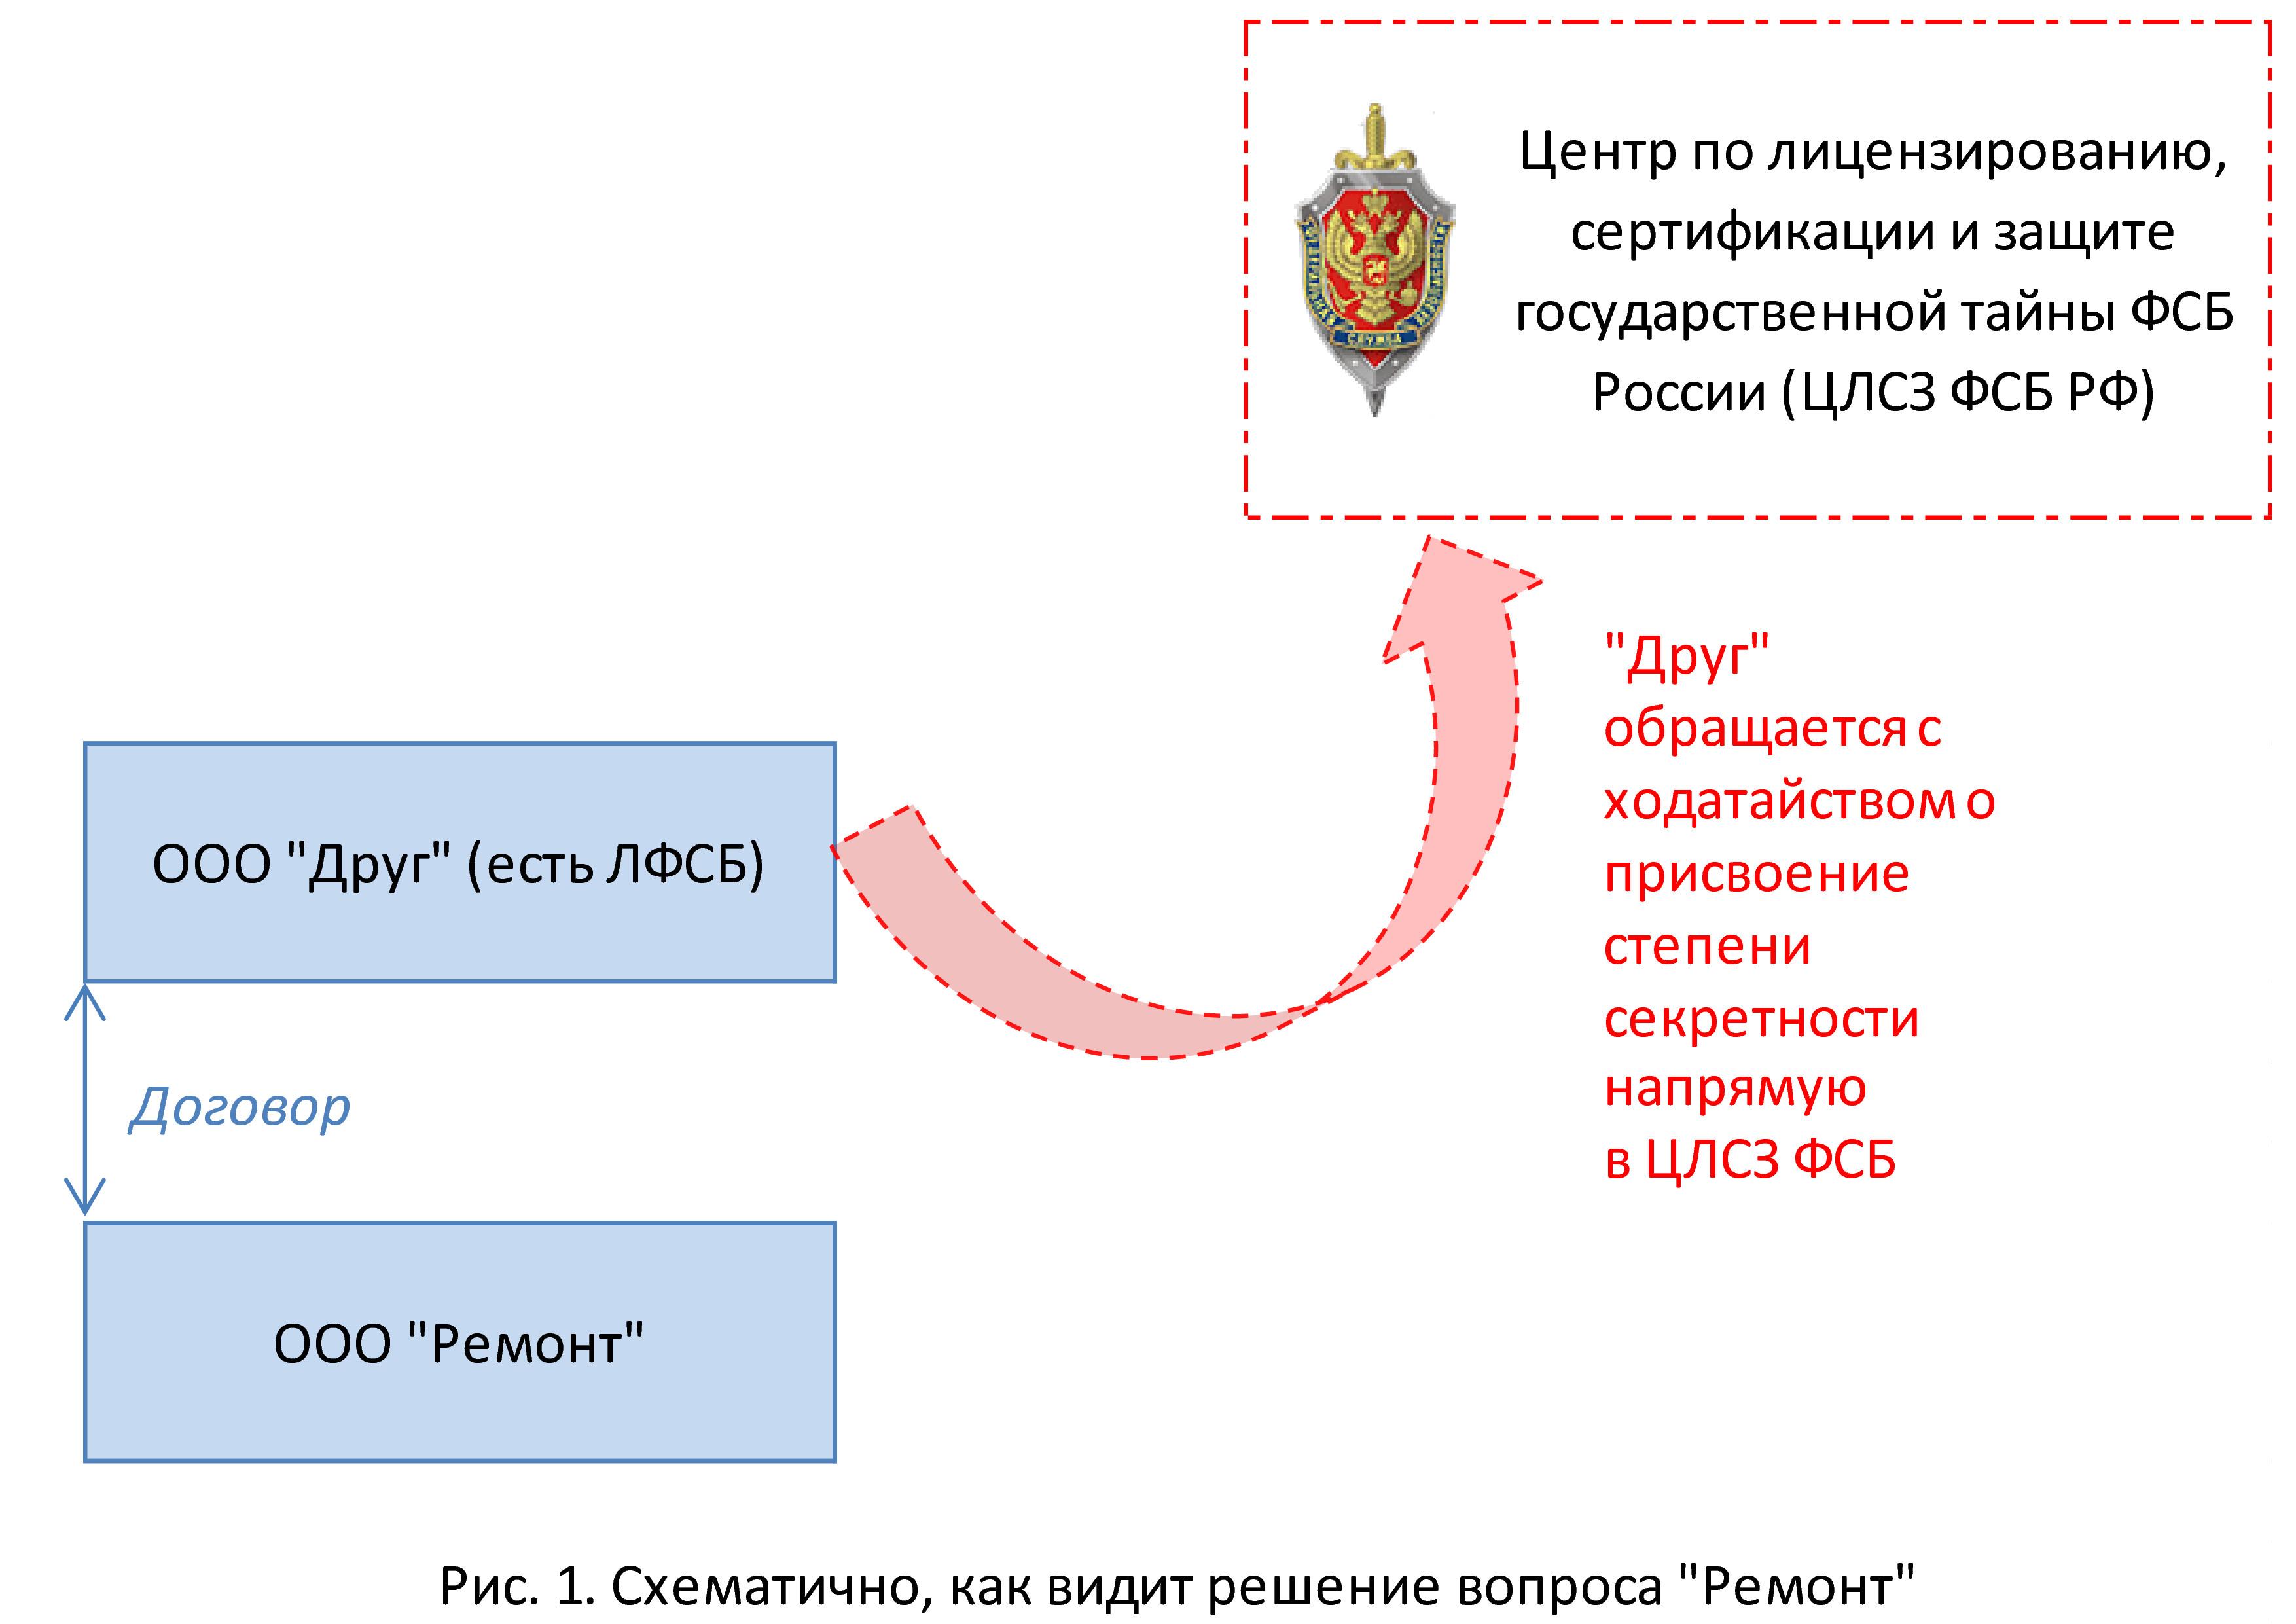 Неправильная схема ходатайствования в ФСБ